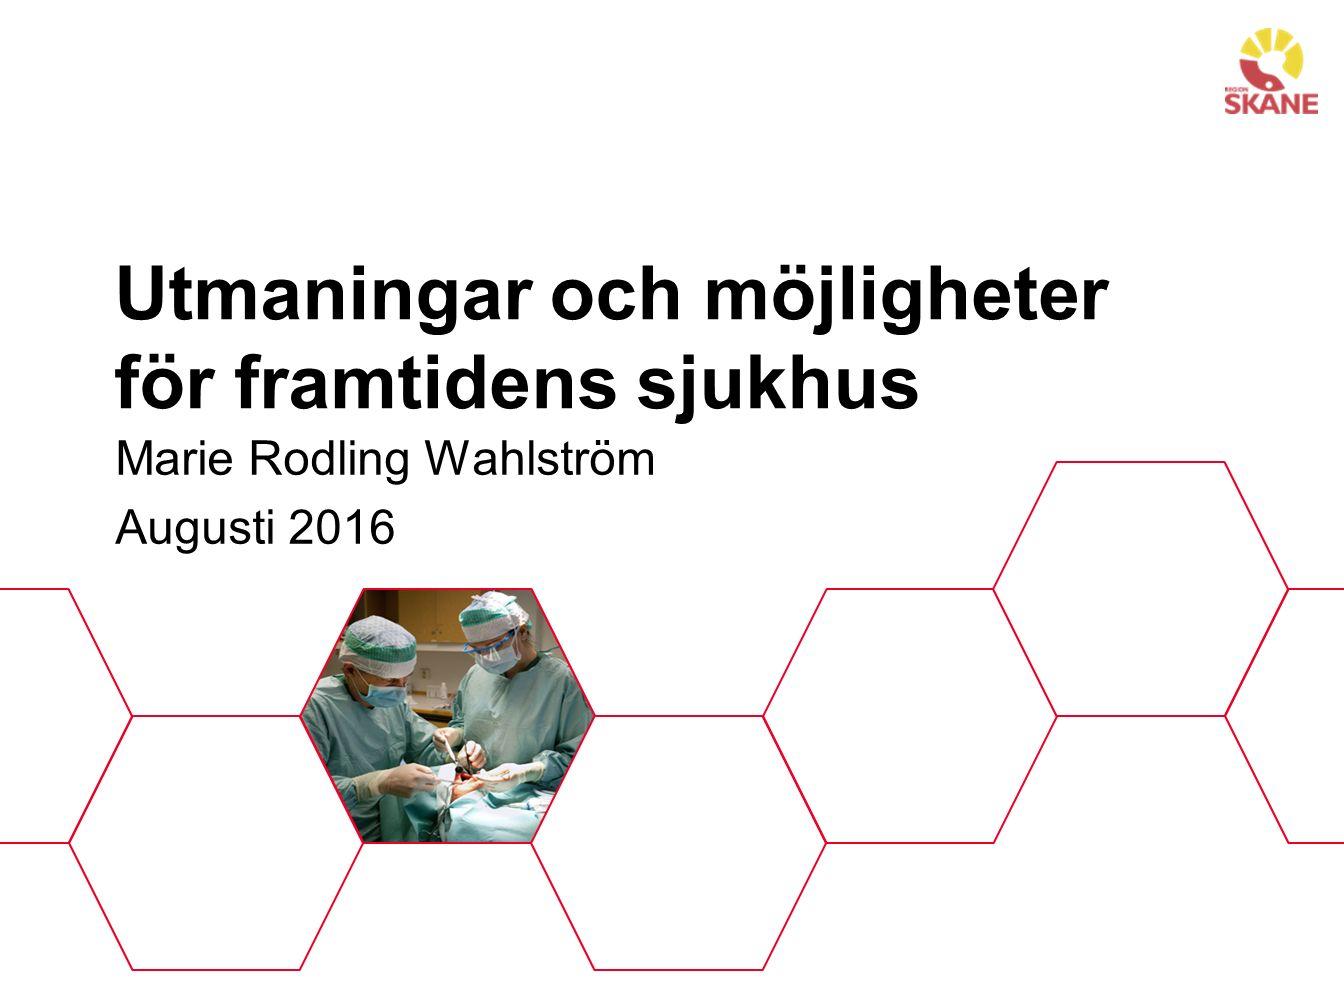 Marie Framtidens sjukhus, Region Skåne Disputerad läkare, anestesi och intensivvård Verksamhetsområdeschef, Umeå universitetssjukhus, Västerbottens läns landsting Tsunamin 2004/2005Anestesi, Op Marie Rodling Wahlström